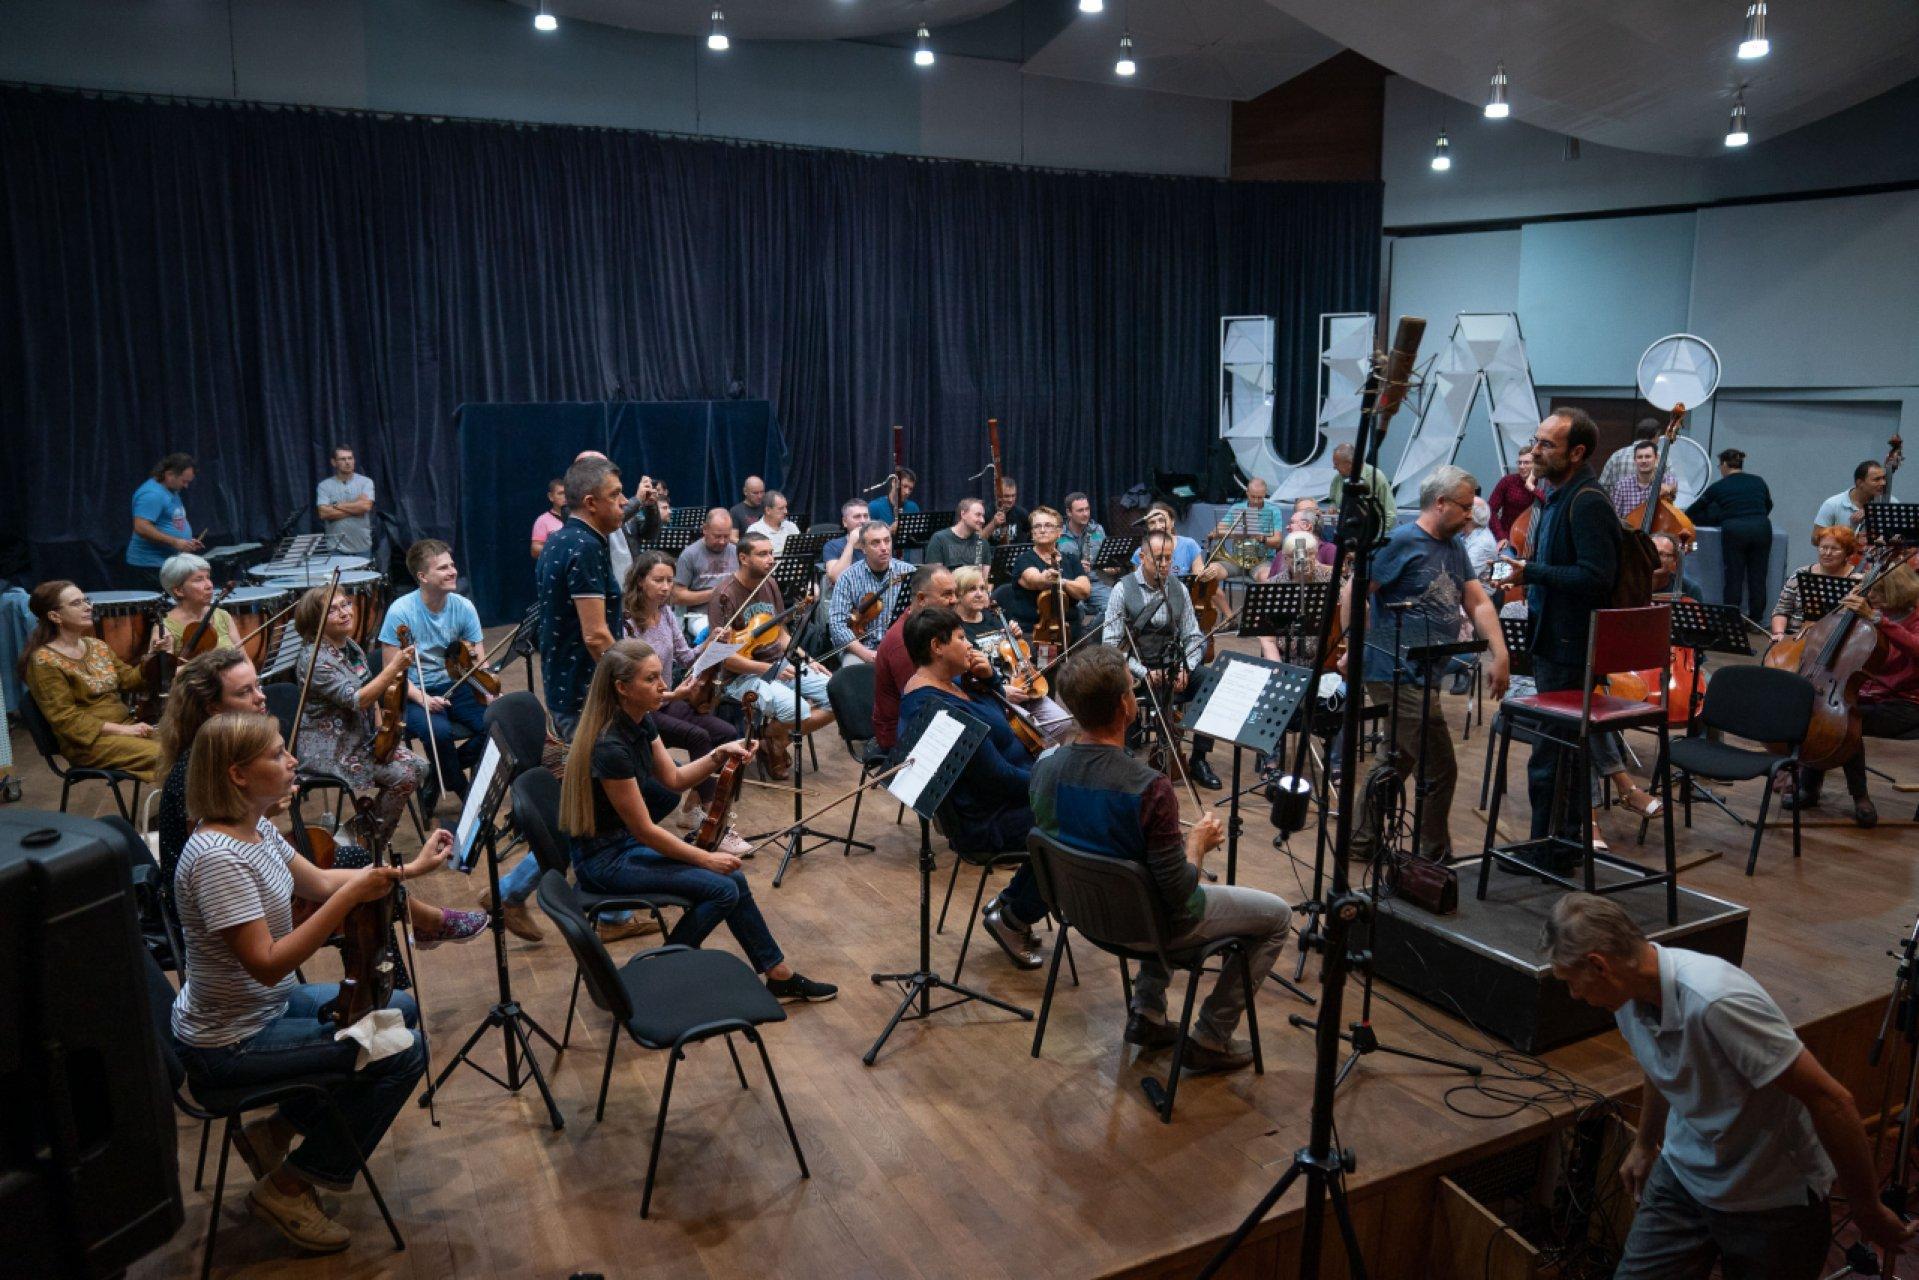 image-2 У столичній ході до Дня Незалежності гратимуть п'ять оркестрів, лунатимуть оперні твори та виступатиме гурт ONUKA